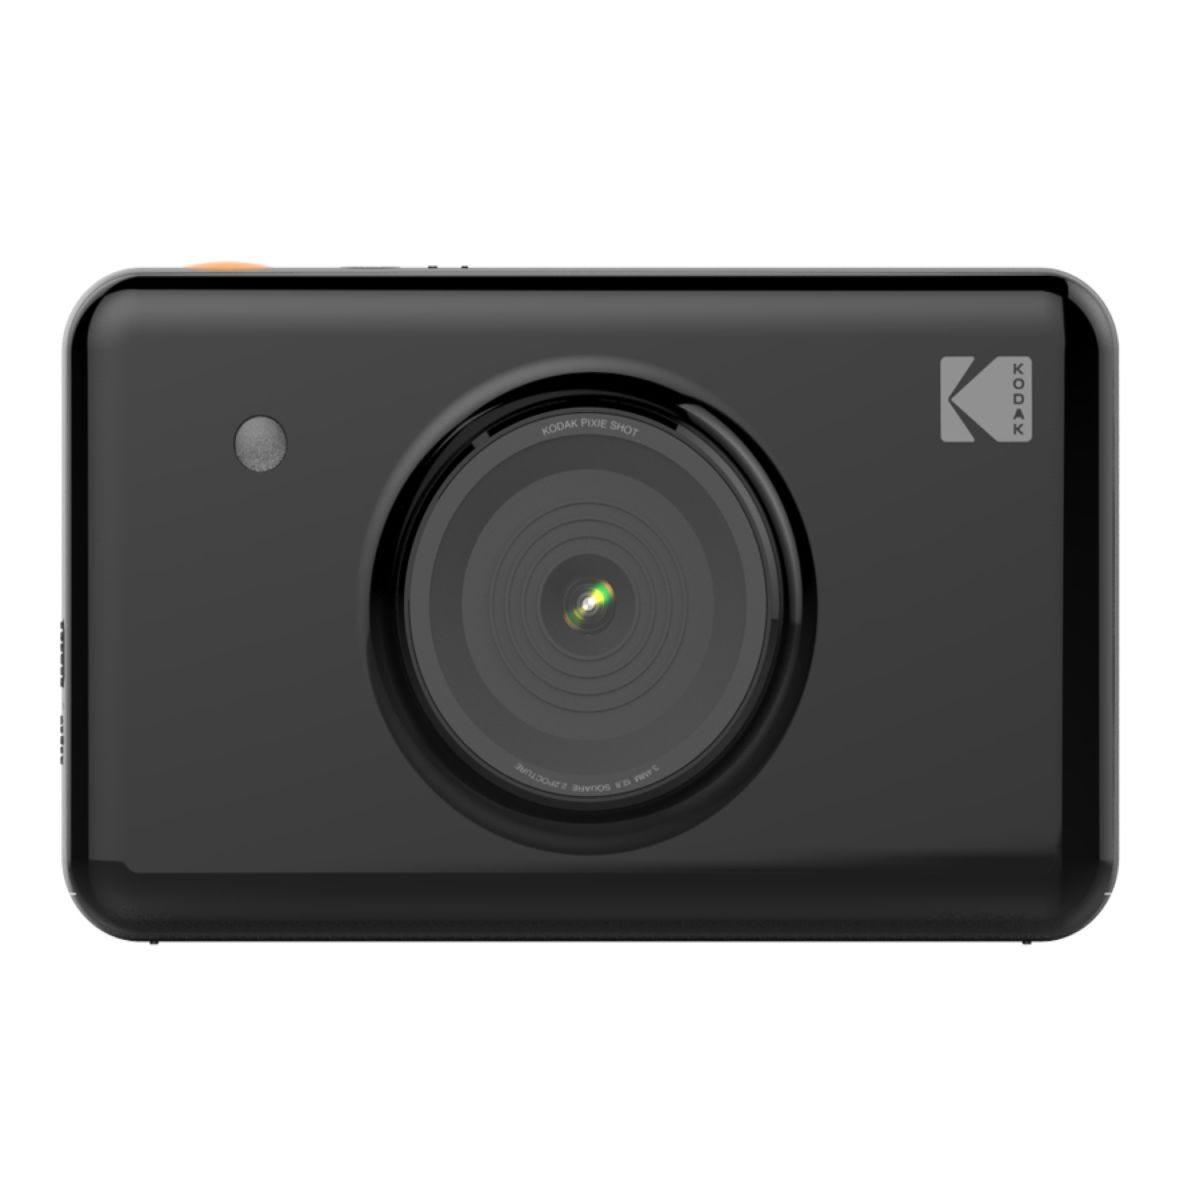 Kodak Mini Shot Digital Camera Black